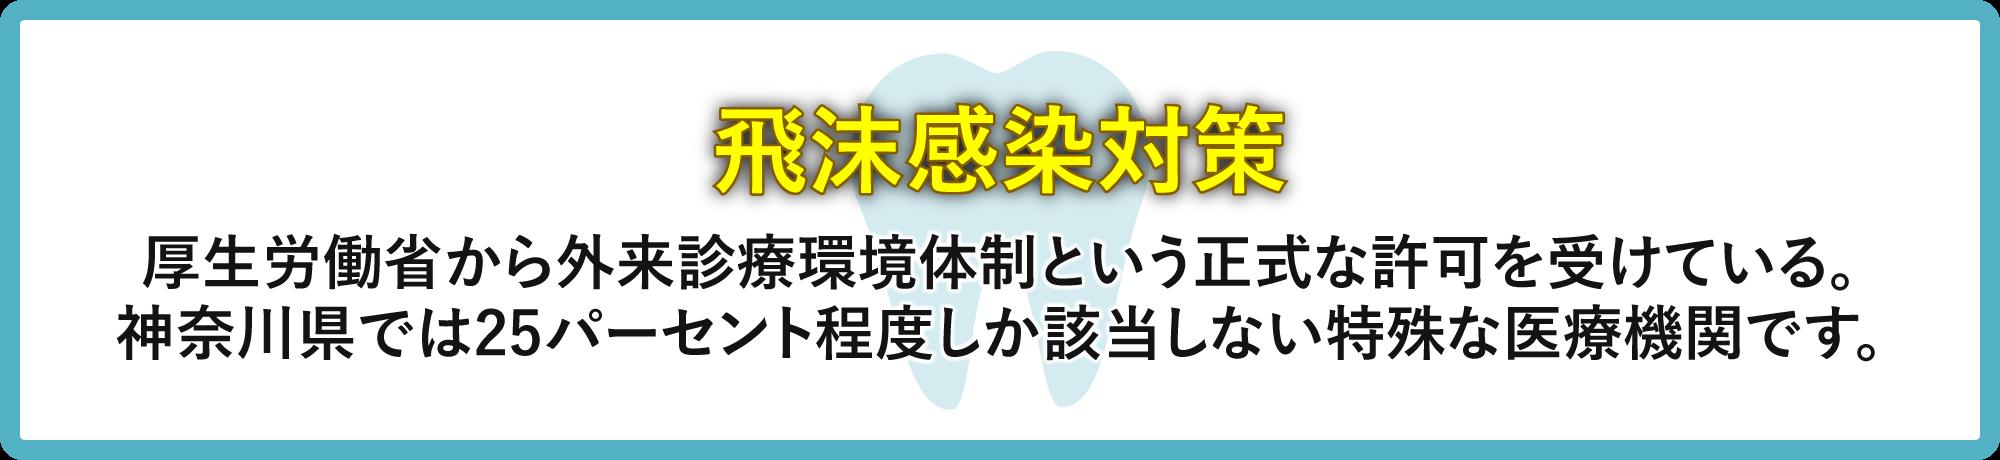 飛沫感染対策 厚生労働省から外来診療環境体制という正式な許可を受けている。神奈川県では25パーセント程度しか該当しない特殊な医療機関です。